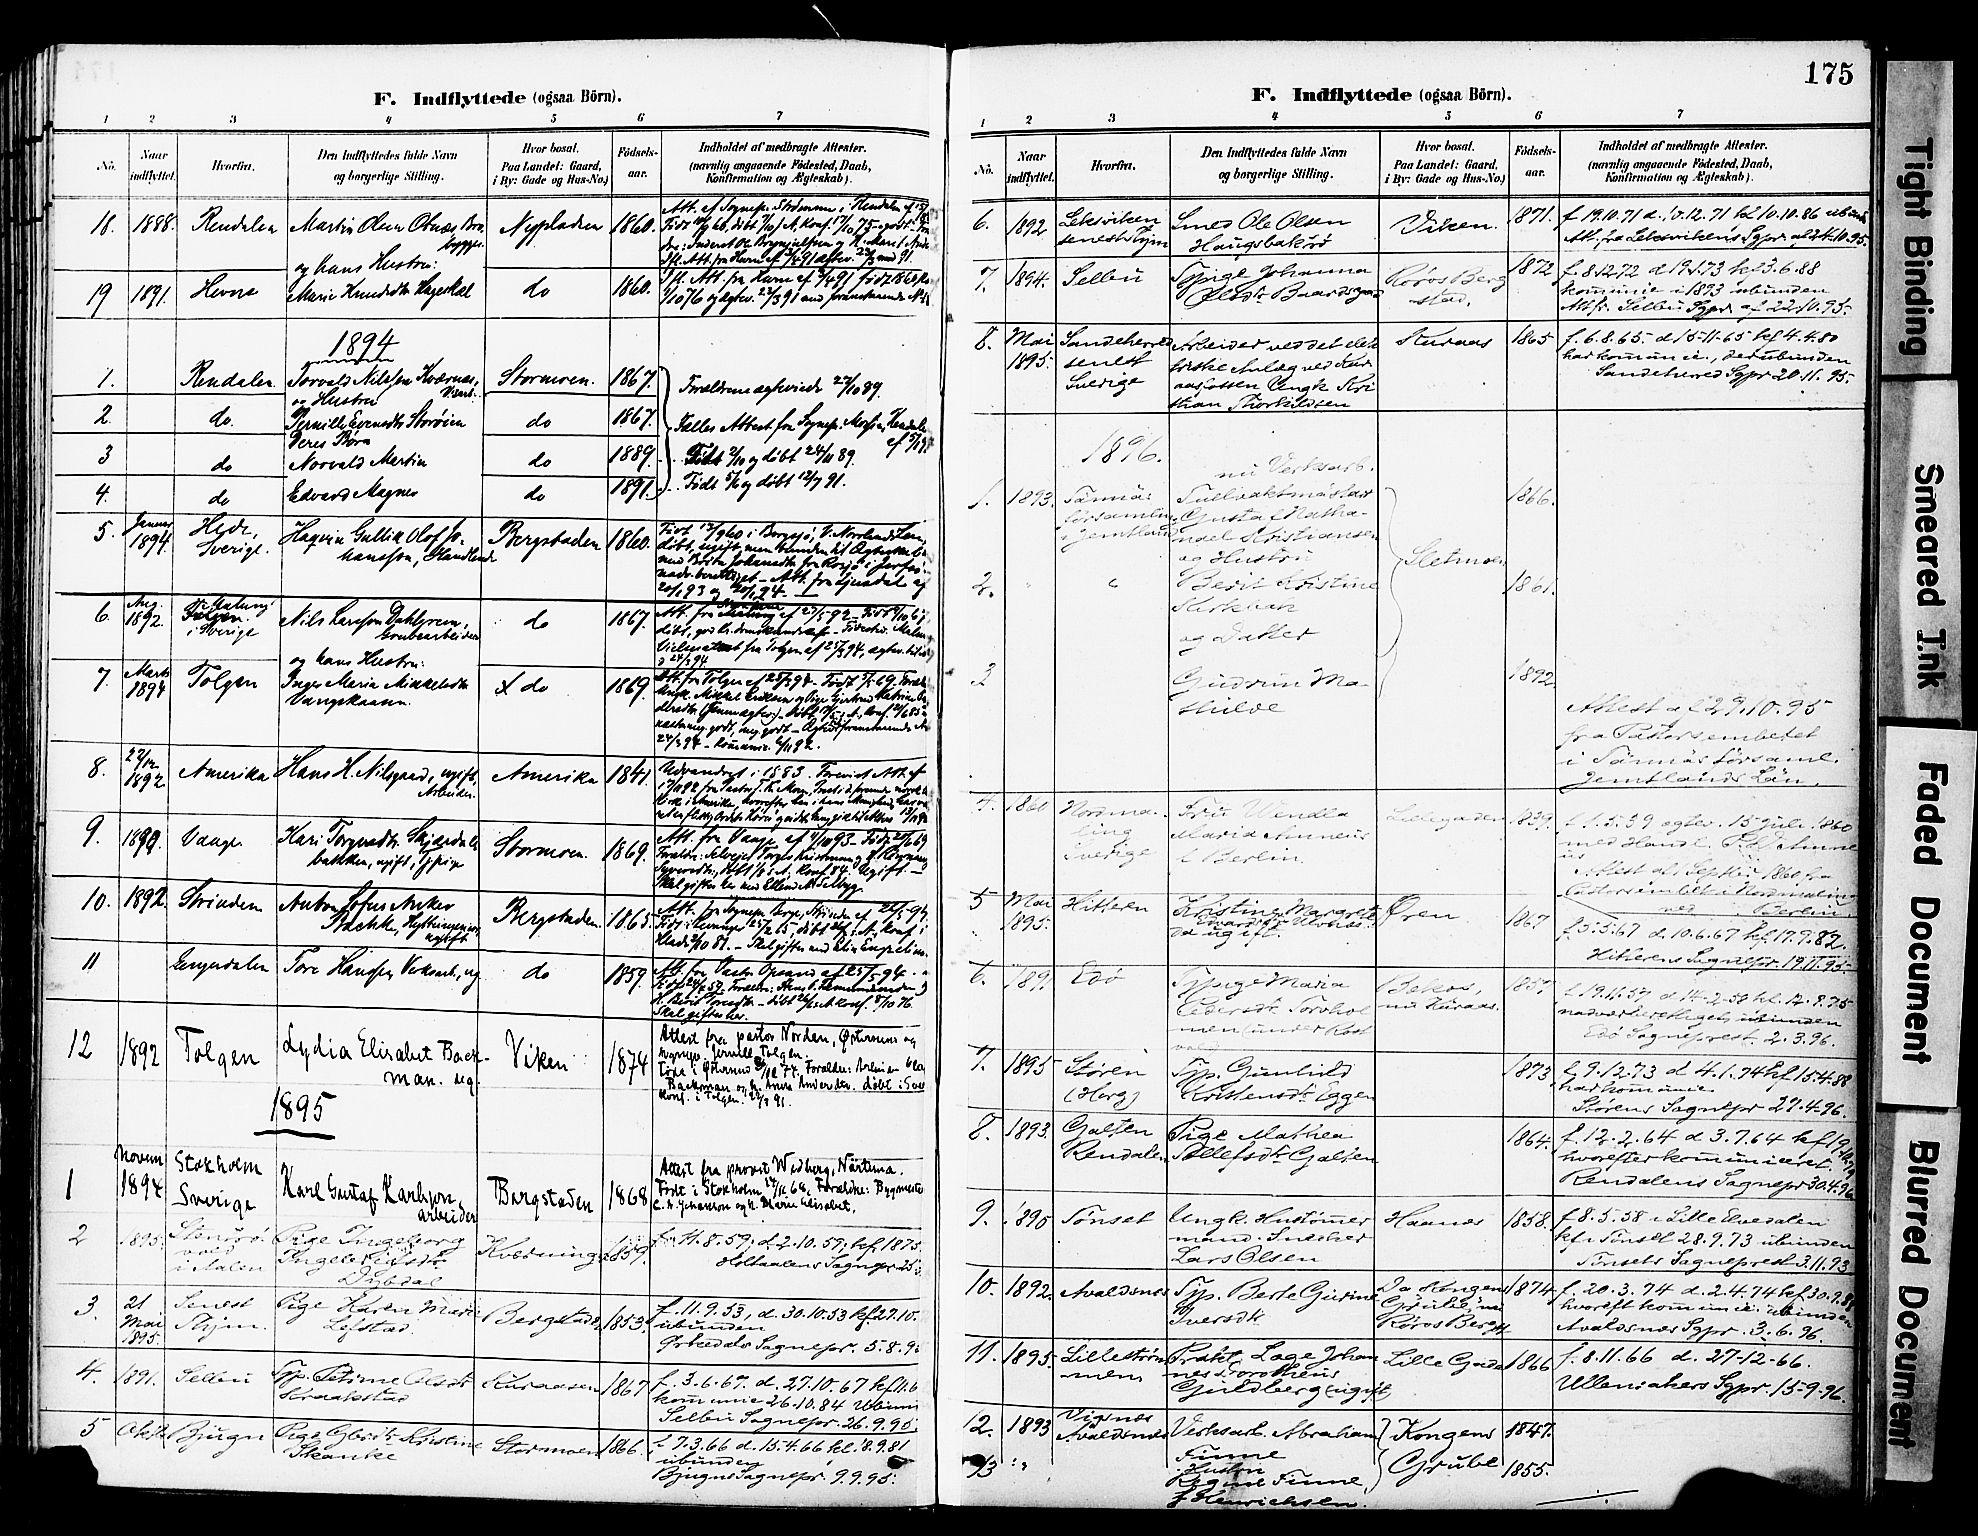 SAT, Ministerialprotokoller, klokkerbøker og fødselsregistre - Sør-Trøndelag, 681/L0935: Ministerialbok nr. 681A13, 1890-1898, s. 175